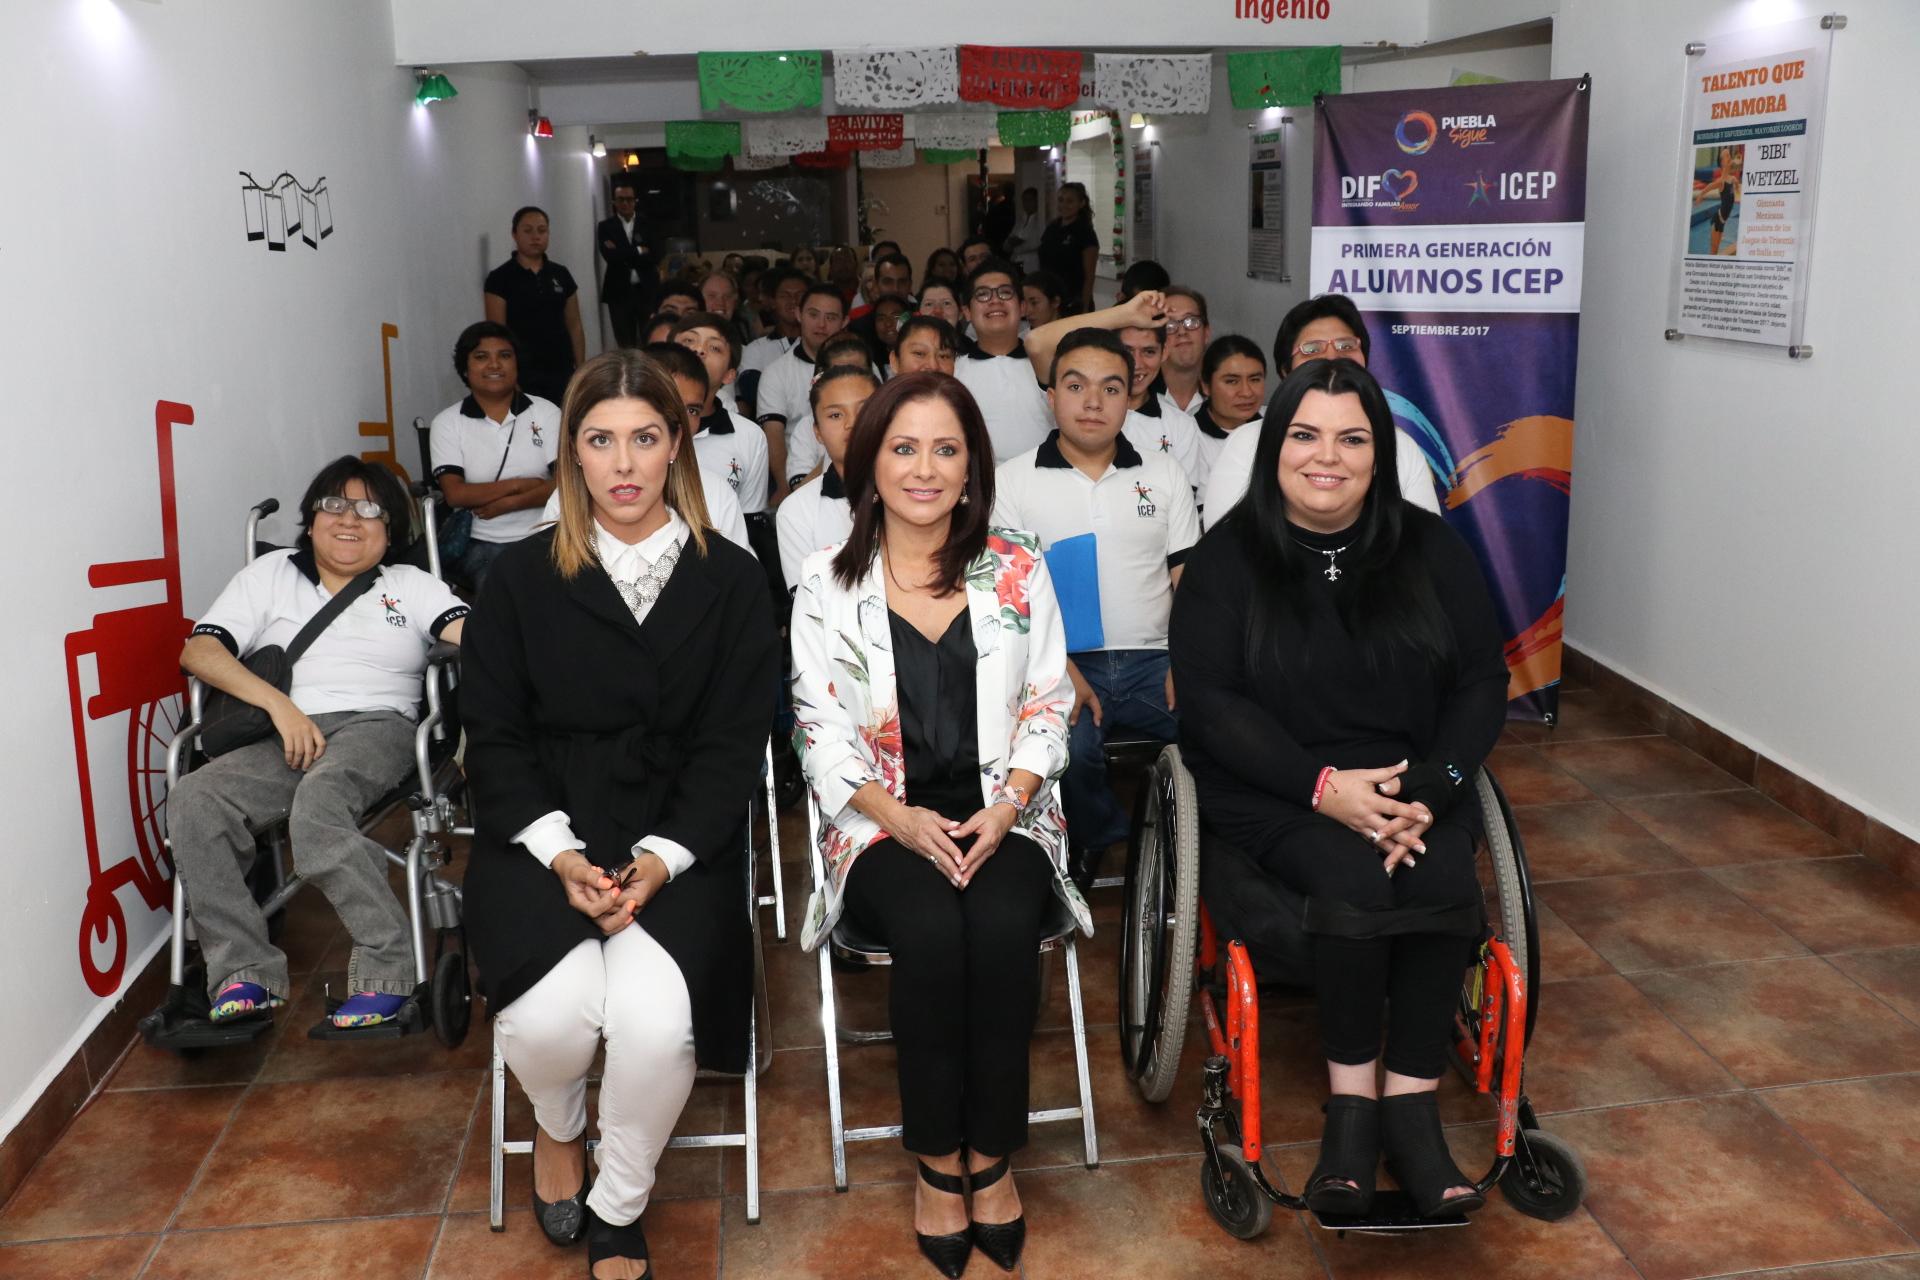 Dinorah López de Gali apoya la educación y la inclusión laboral